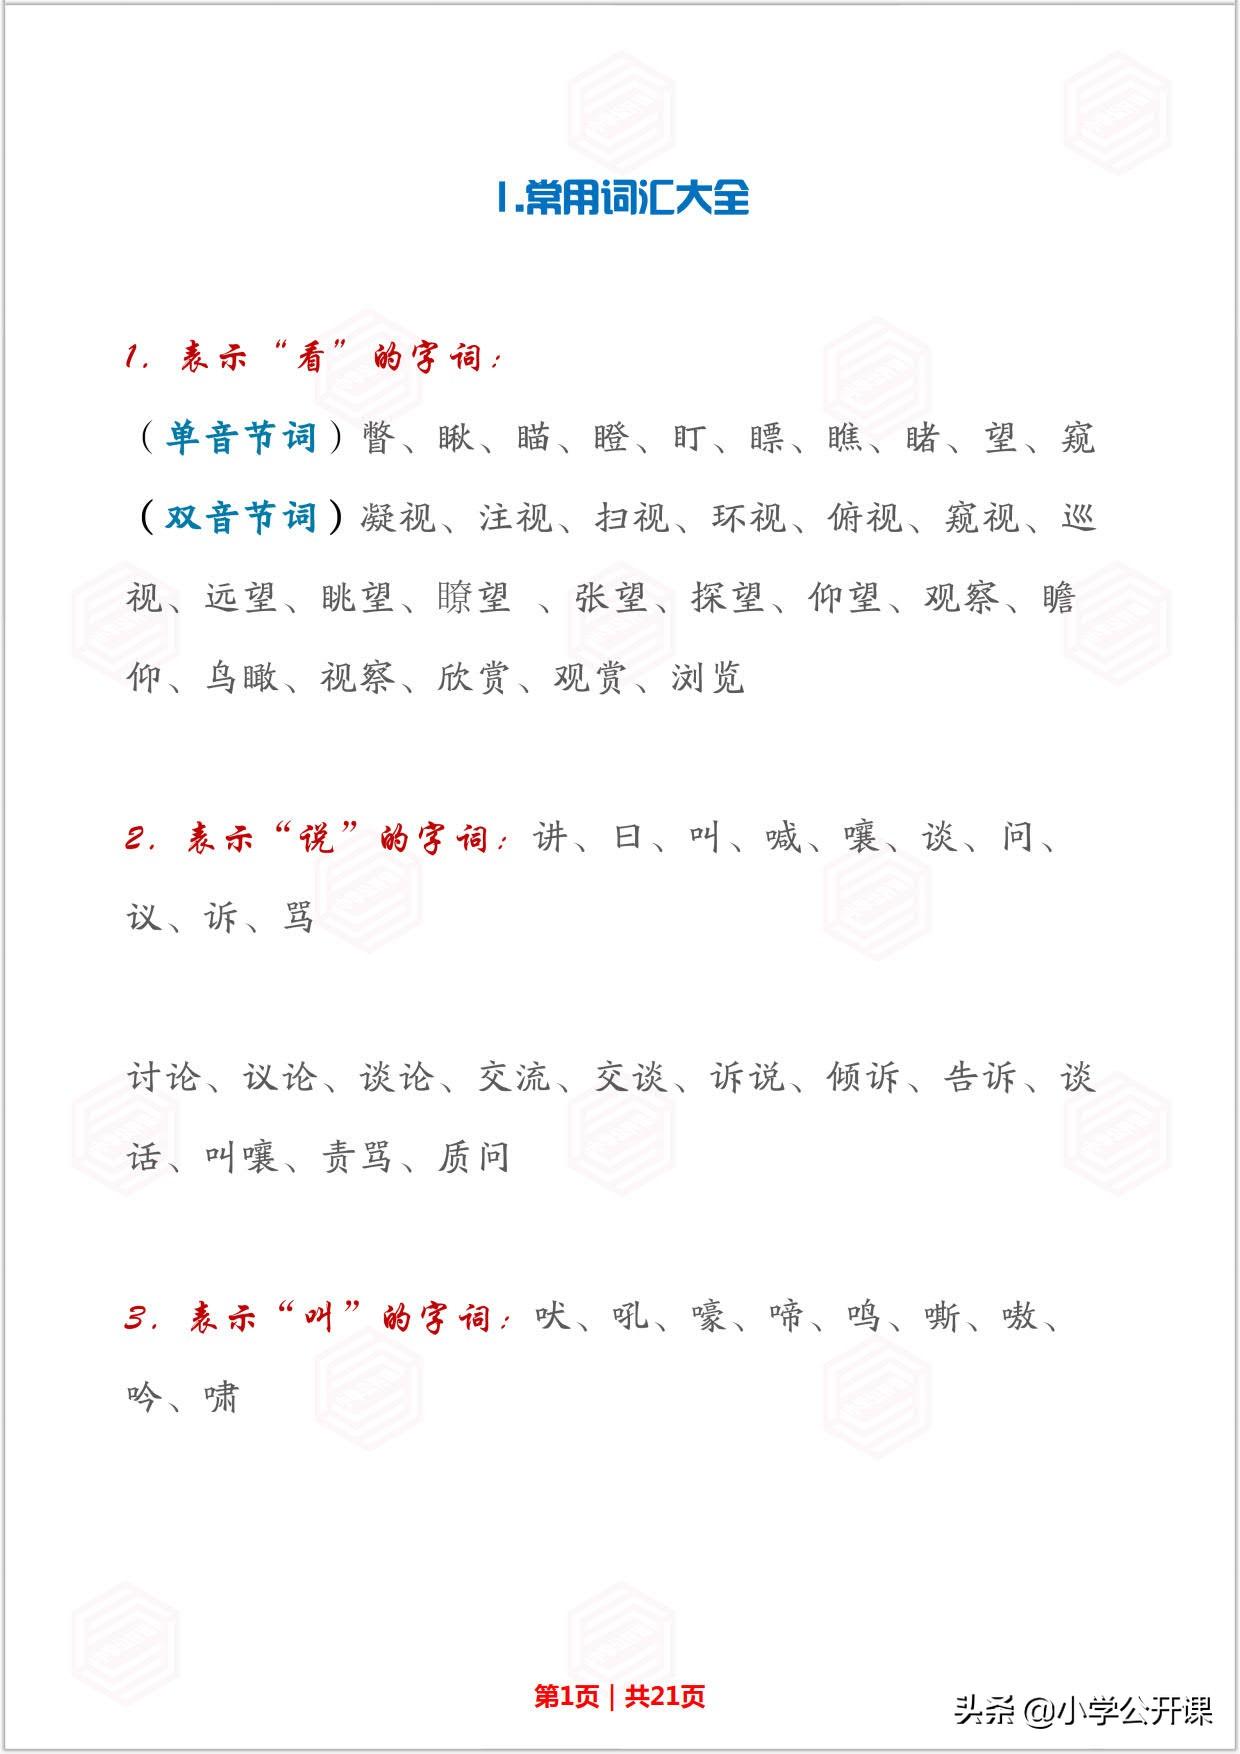 小学作文素材大全 常用成语、人物描写、比喻描写、名句名段